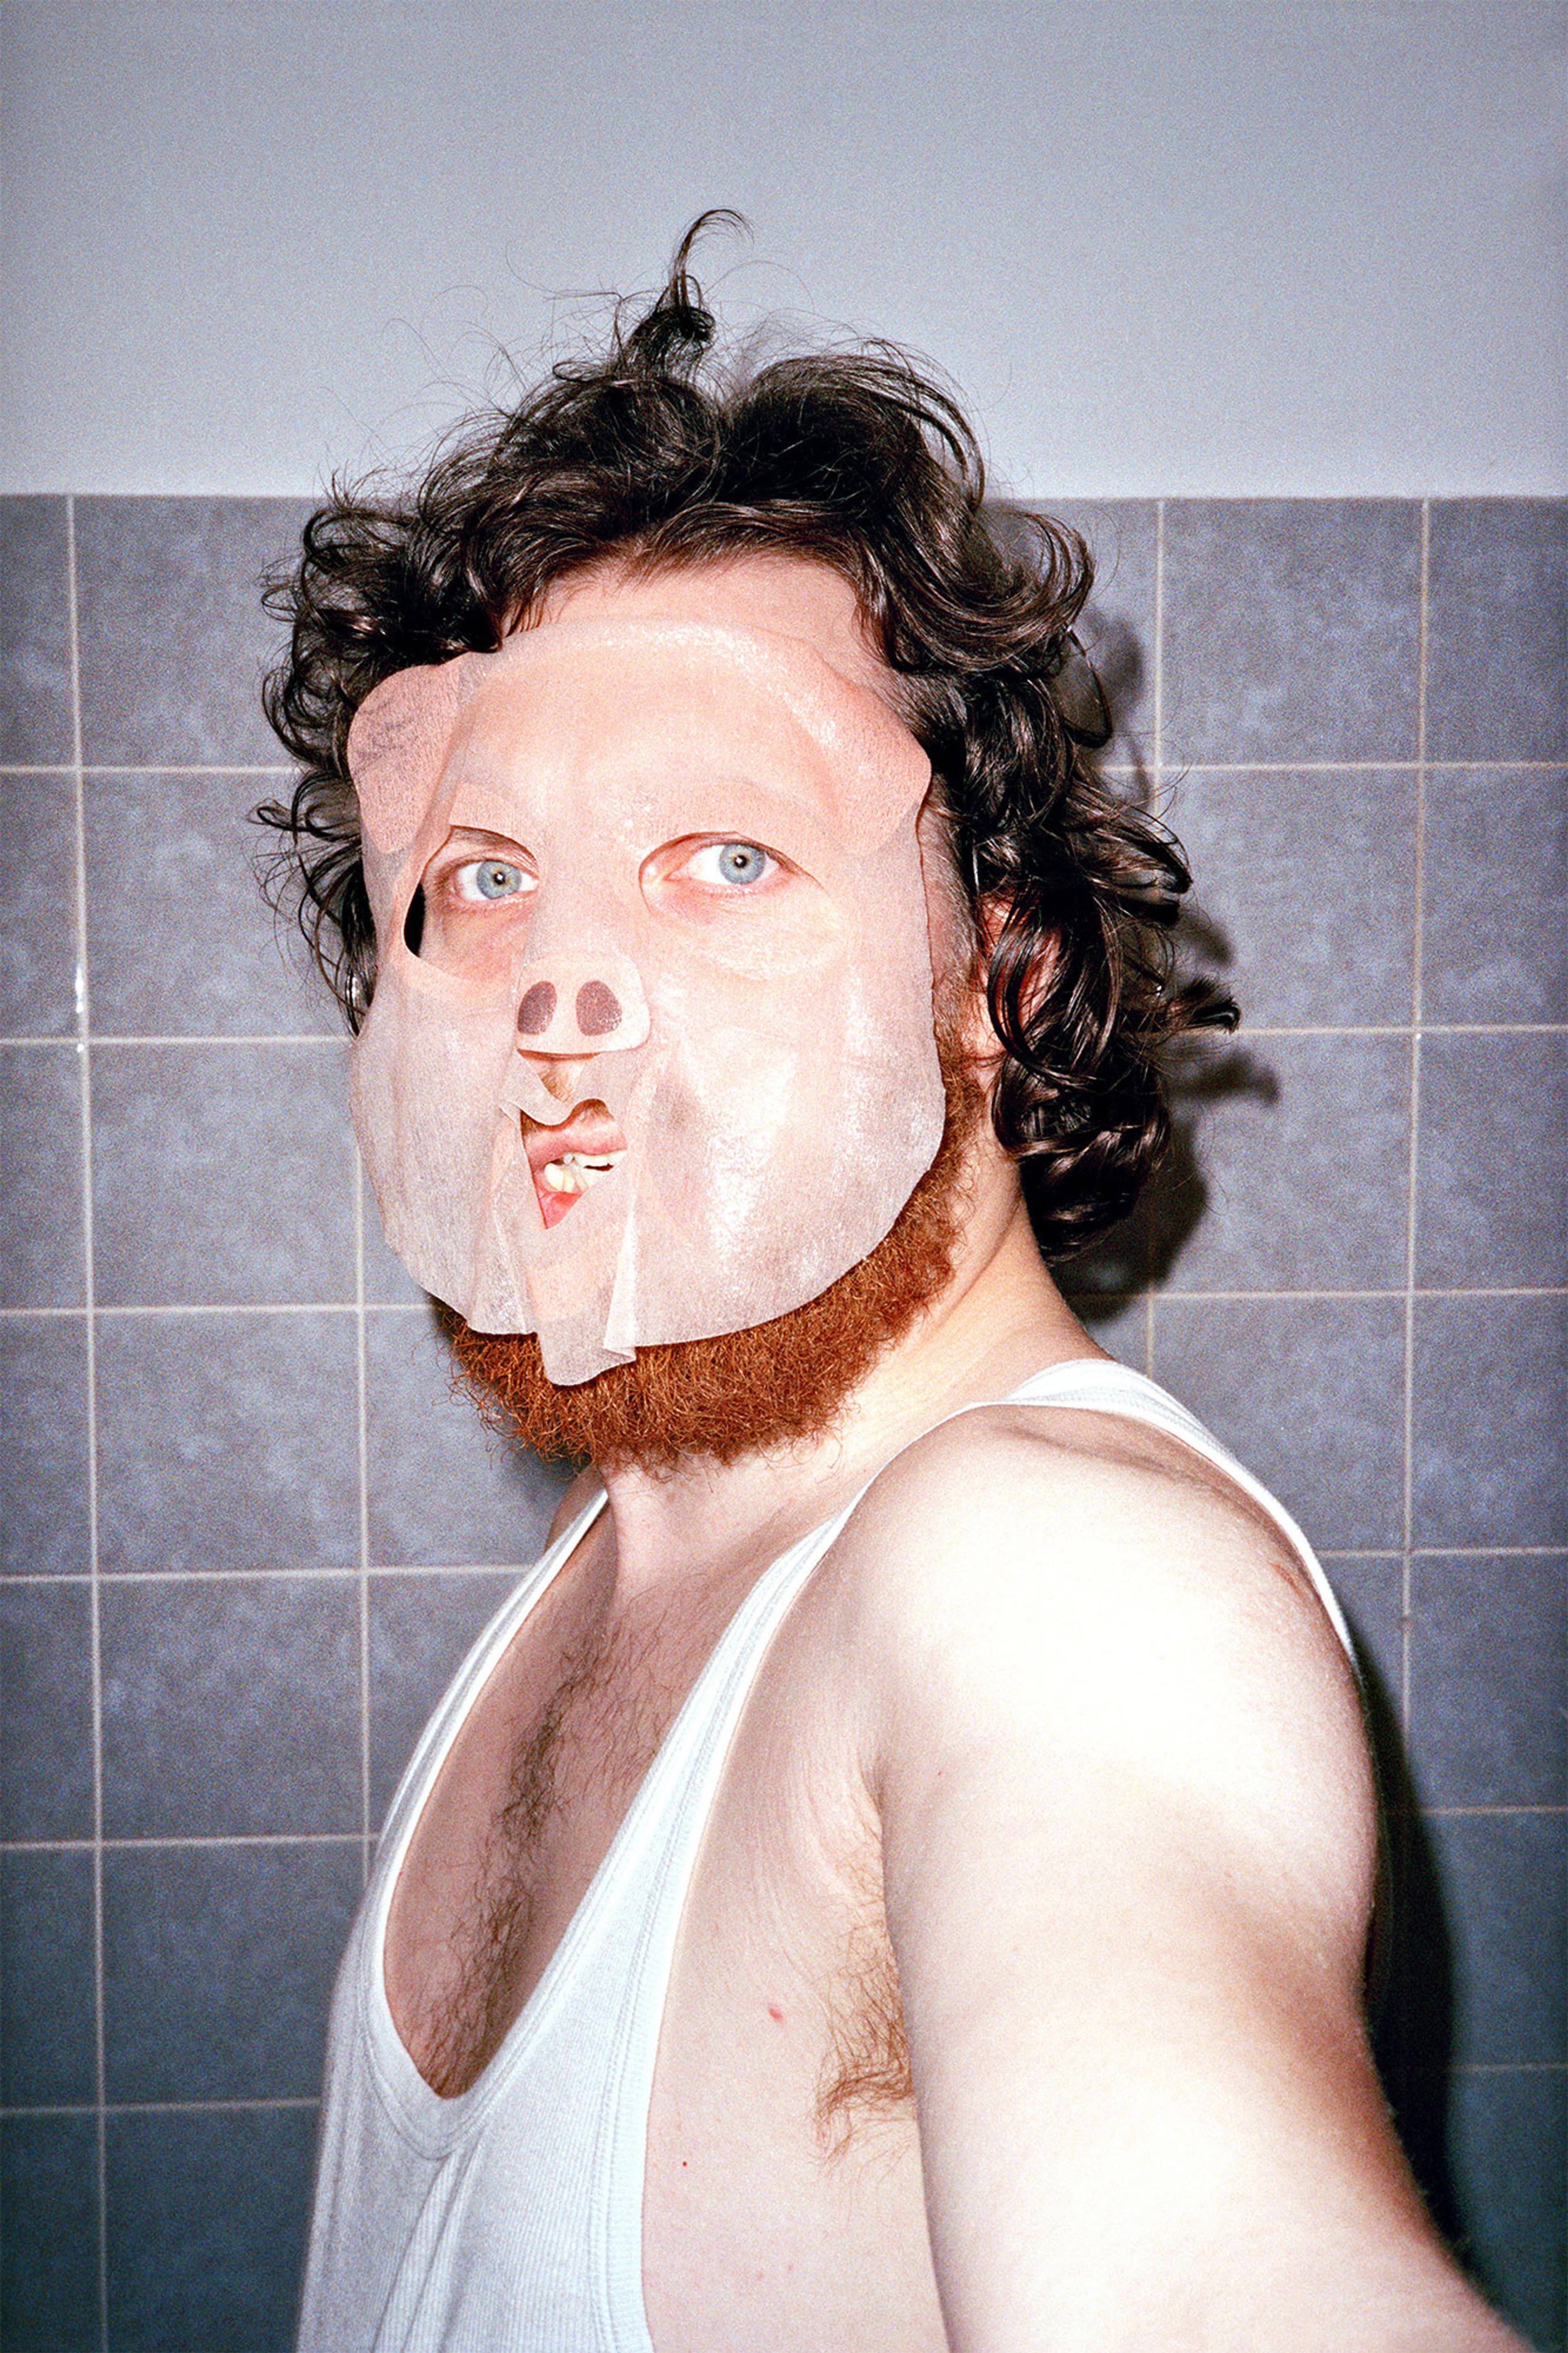 Portraitfoto Steve Braun, Mann im Unterhemd vor grauen Fließen mit Locken, einem roten Bart und einer Schwein-Gesichtsmaske